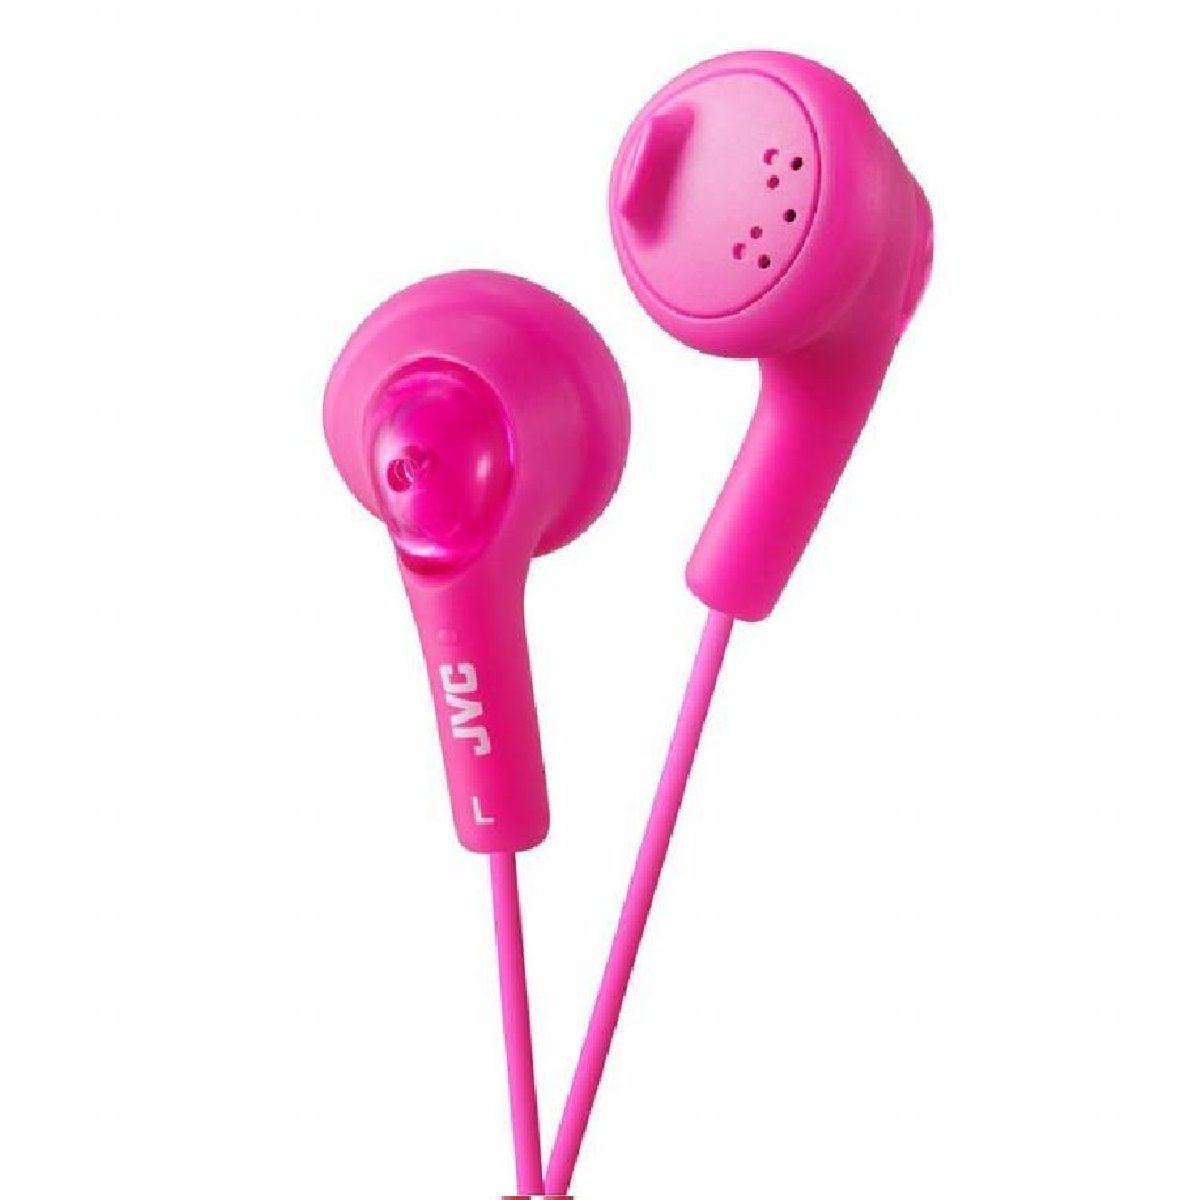 JVC Gumy In-Ear Audio Headphones - Pink